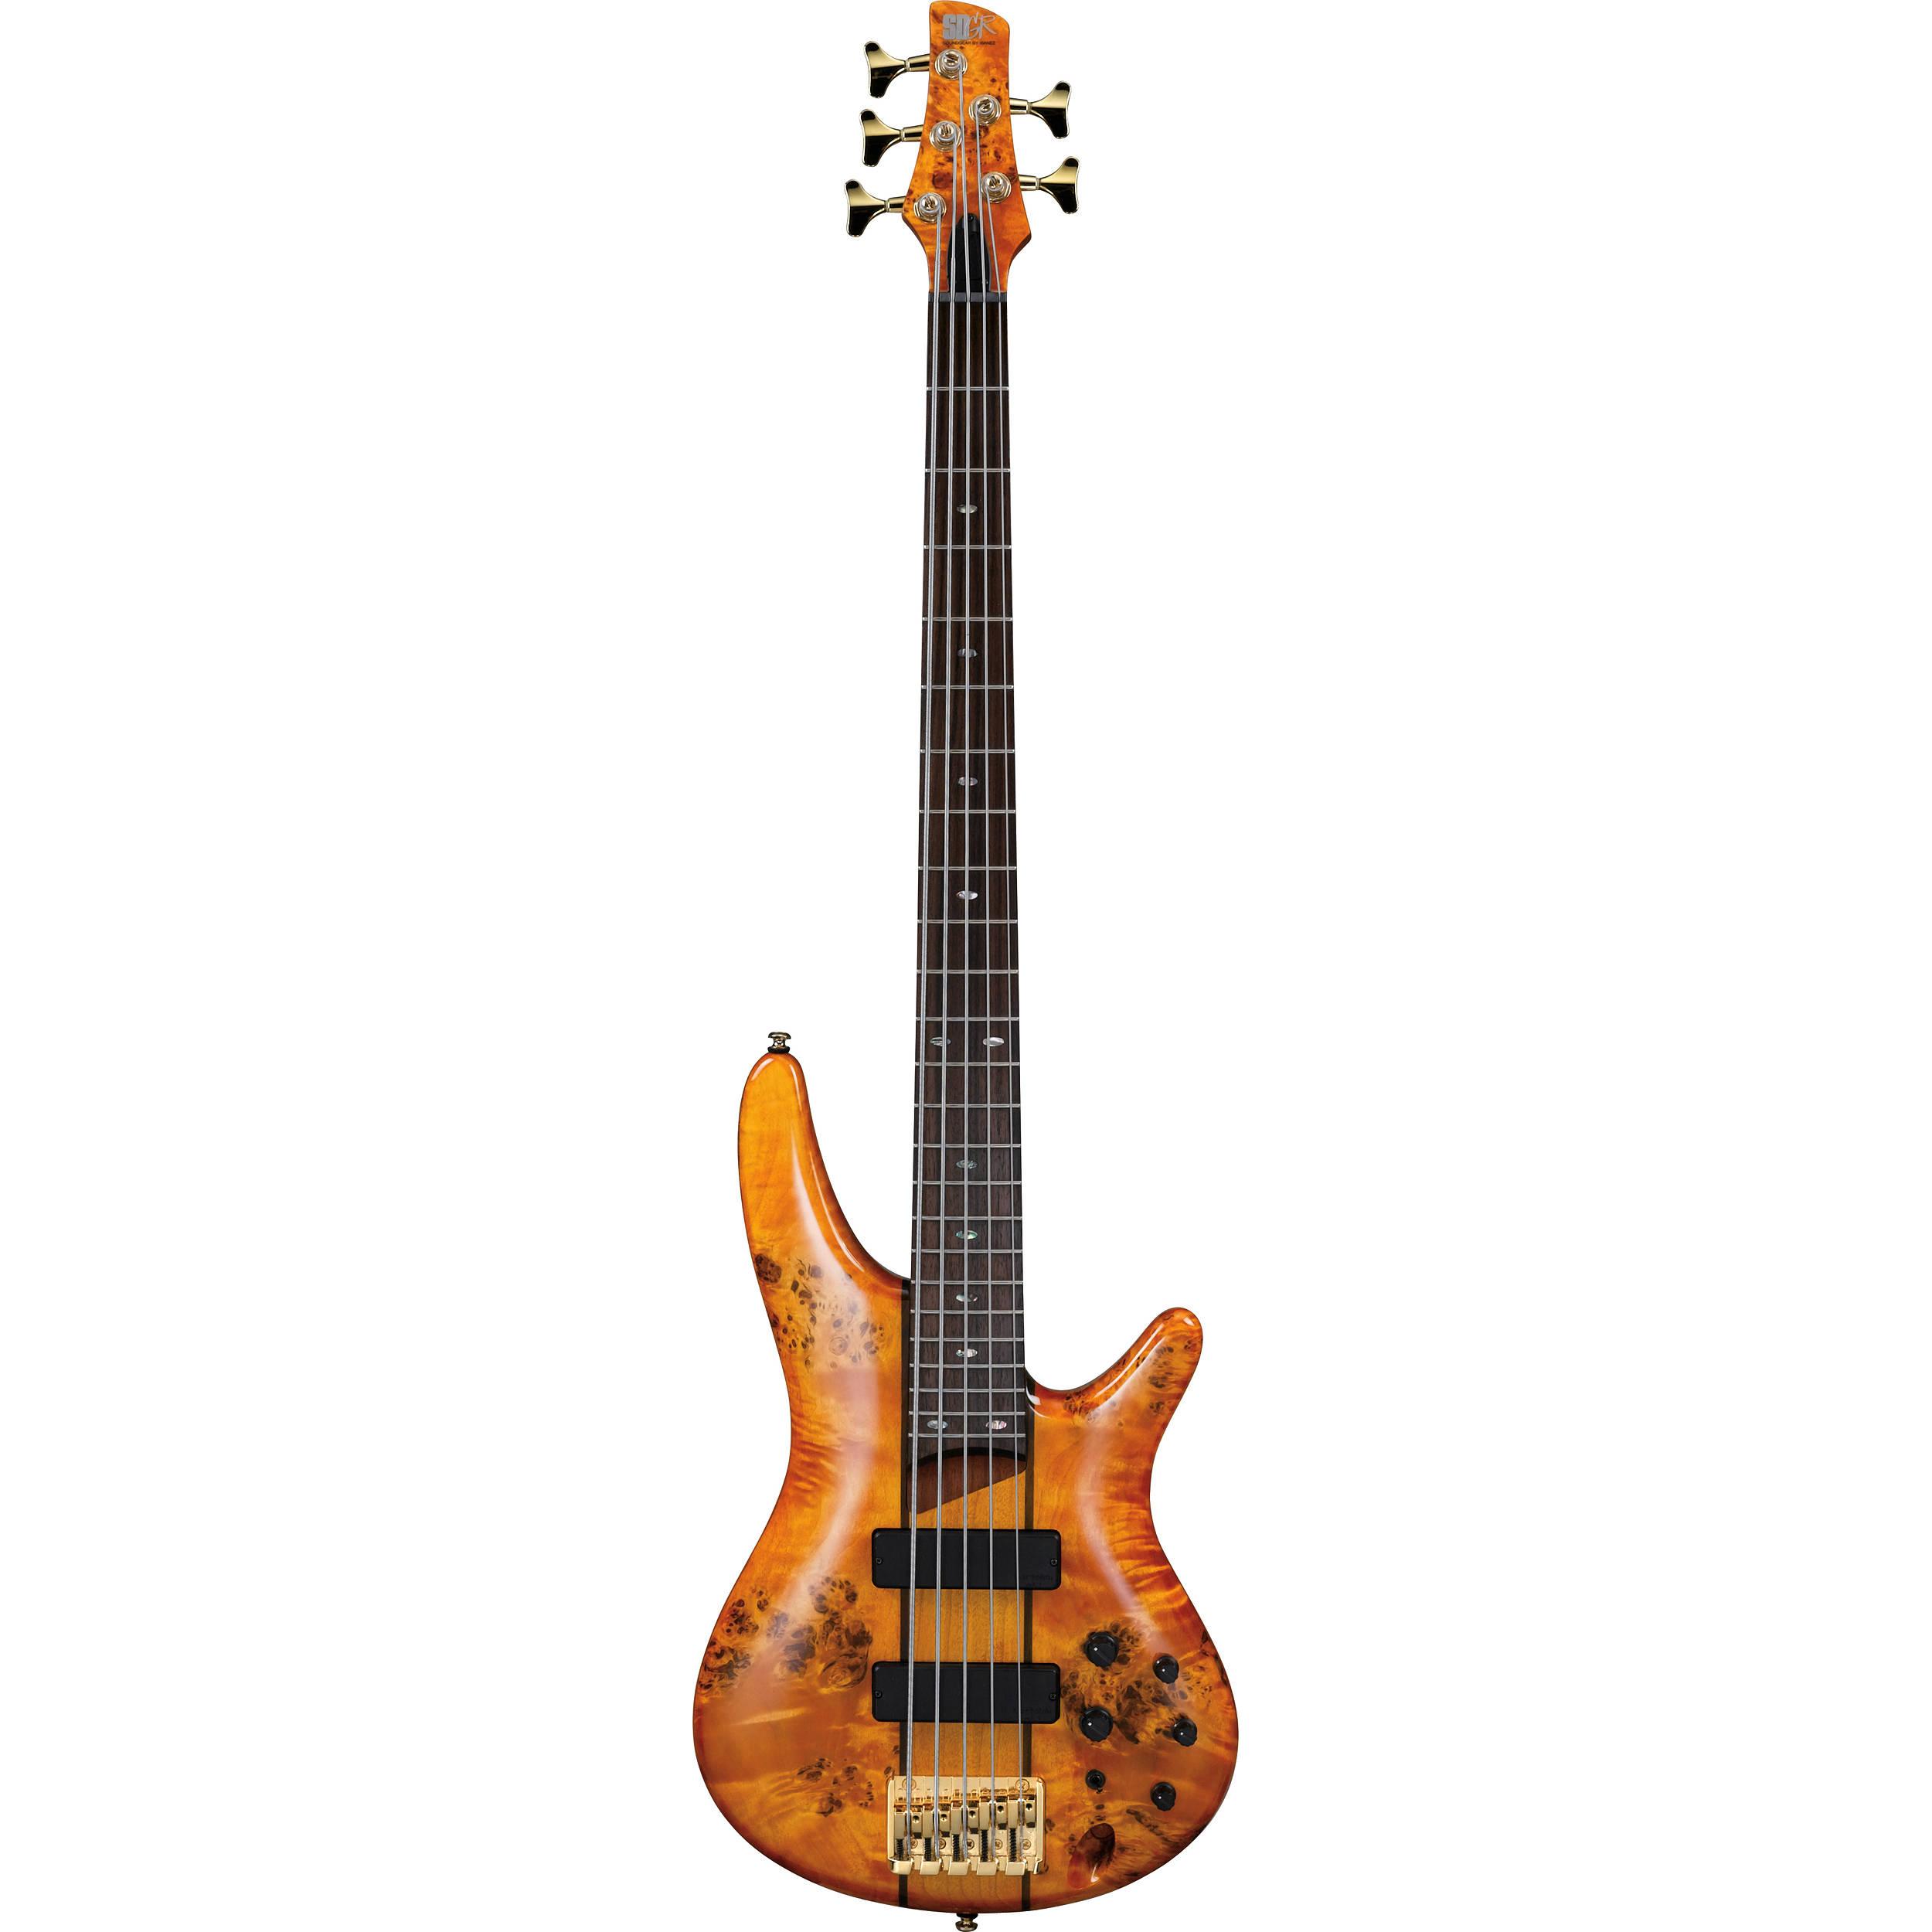 ibanez sr series sr805 5 string electric bass guitar sr805am. Black Bedroom Furniture Sets. Home Design Ideas